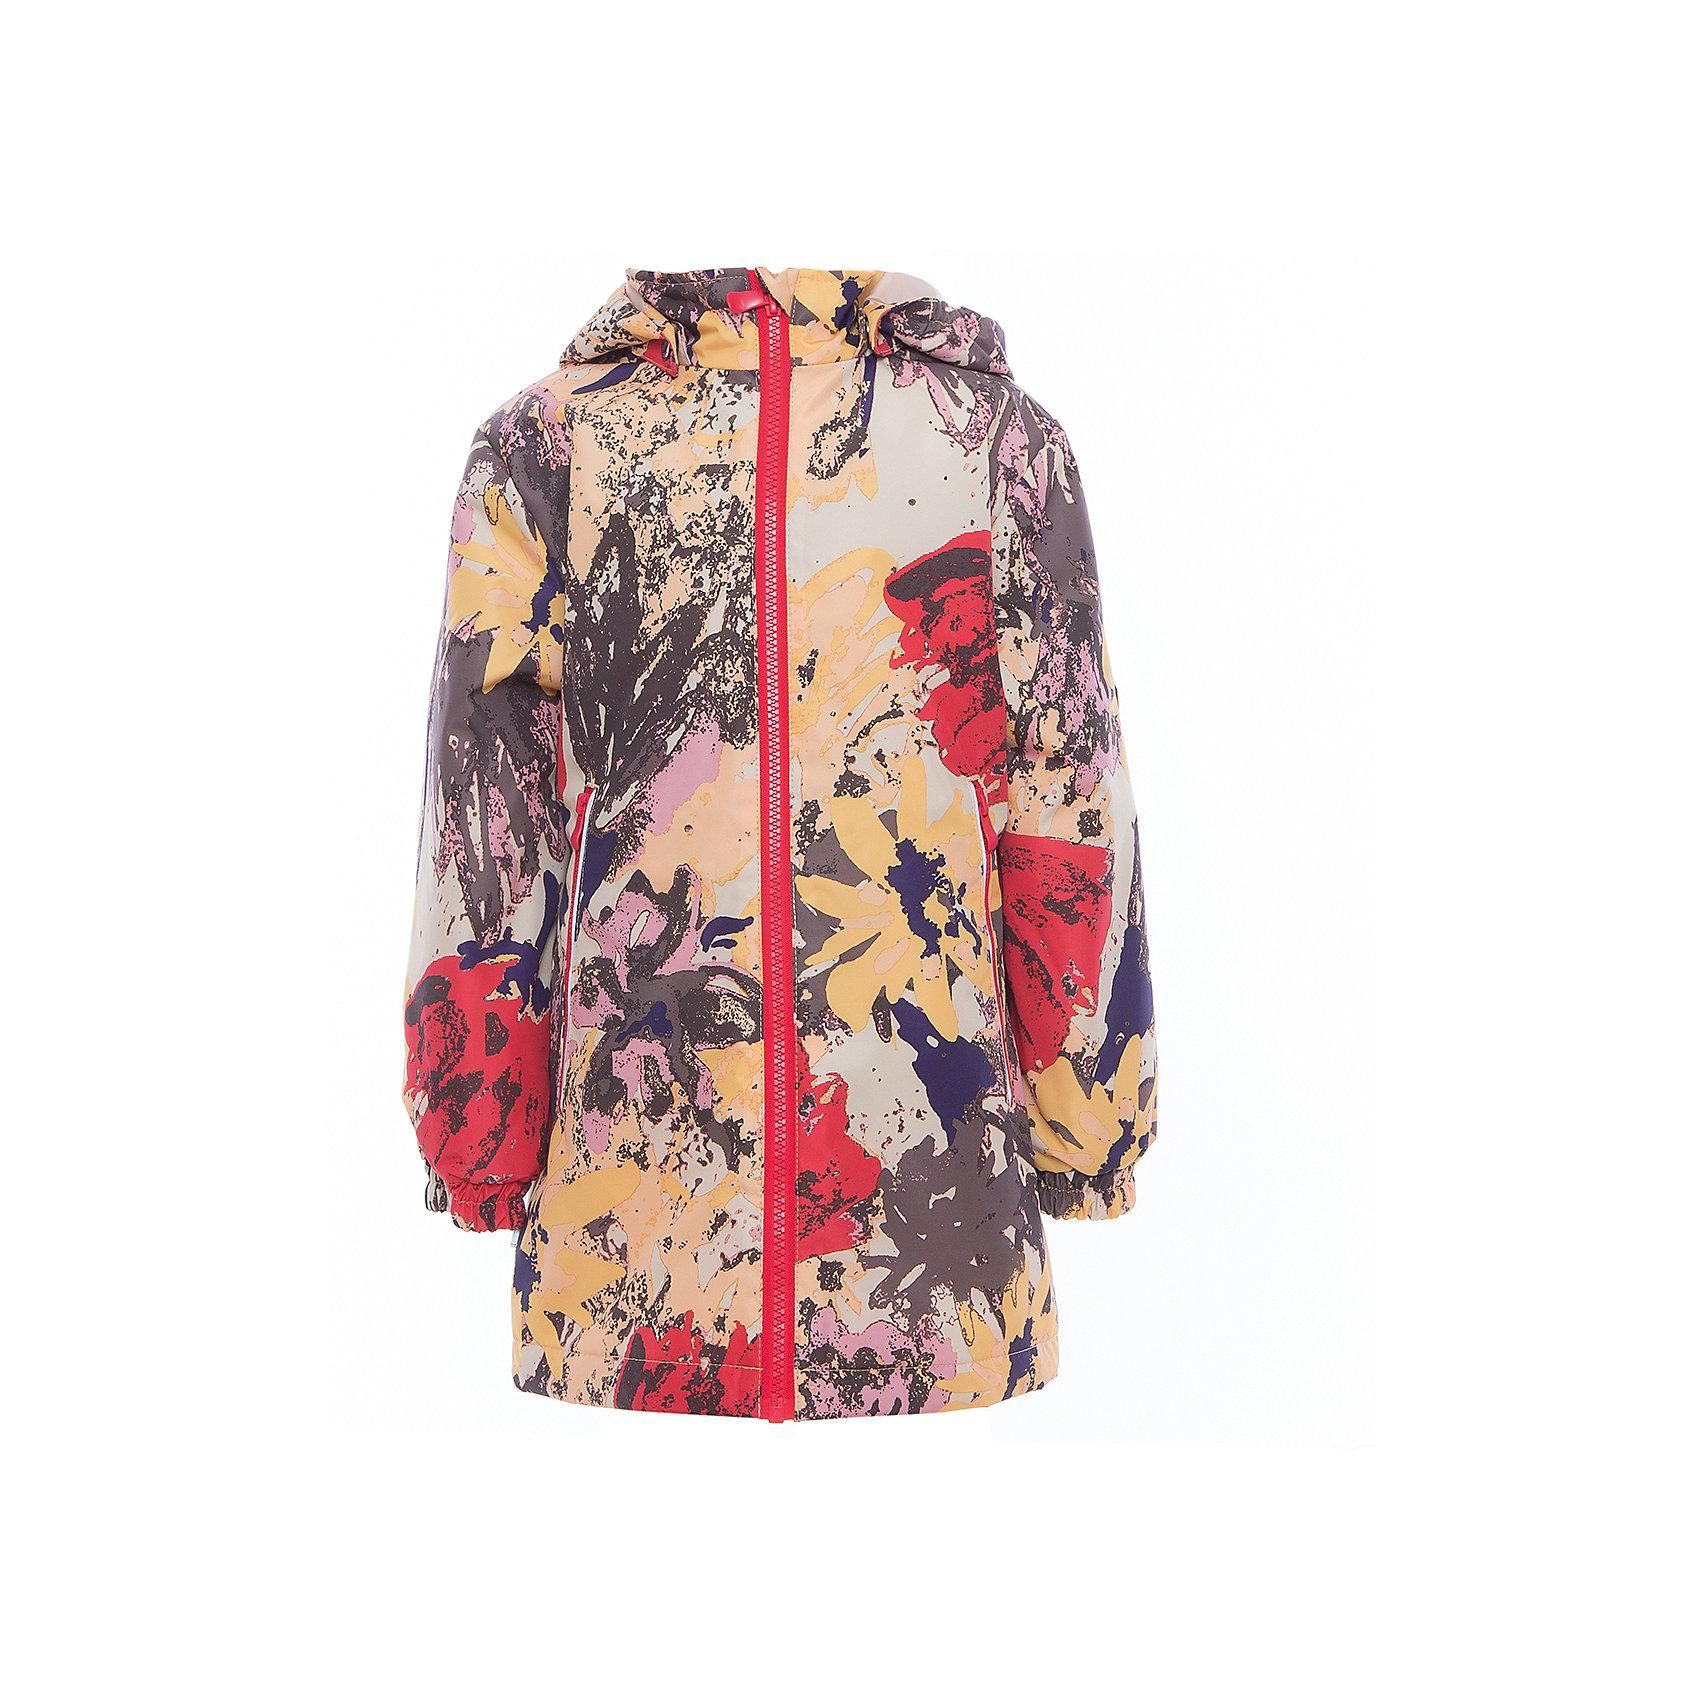 Куртка для девочки JUNE HuppaДемисезонные куртки<br>Характеристики товара:<br><br>• цвет: золотой принт<br>• ткань: 100% полиэстер<br>• подкладка: тафта - 100% полиэстер<br>• утеплитель: 100% полиэстер 100 г<br>• температурный режим: от -5°С до +10°С<br>• водонепроницаемость: 10000 мм<br>• воздухопроницаемость: 10000 мм<br>• светоотражающие детали<br>• эластичные манжеты<br>• молния с защитой для подбородка<br>• съёмный капюшон с резинкой<br>• карманы на полнии<br>• комфортная посадка<br>• коллекция: весна-лето 2017<br>• страна бренда: Эстония<br><br>Такая легкая и стильная куртка обеспечит детям тепло и комфорт. Она сделана из материала, отталкивающего воду, и дополнено подкладкой с утеплителем, поэтому изделие идеально подходит для межсезонья. Материал изделия - с мембранной технологией: защищая от влаги и ветра, он легко выводит лишнюю влагу наружу. Для удобства сделан капюшон. Куртка очень симпатично смотрится, яркая расцветка и крой добавляют ему оригинальности. Модель была разработана специально для детей.<br><br>Одежда и обувь от популярного эстонского бренда Huppa - отличный вариант одеть ребенка можно и комфортно. Вещи, выпускаемые компанией, качественные, продуманные и очень удобные. Для производства изделий используются только безопасные для детей материалы. Продукция от Huppa порадует и детей, и их родителей!<br><br>Куртку для девочки JUNE от бренда Huppa (Хуппа) можно купить в нашем интернет-магазине.<br><br>Ширина мм: 356<br>Глубина мм: 10<br>Высота мм: 245<br>Вес г: 519<br>Цвет: желтый<br>Возраст от месяцев: 132<br>Возраст до месяцев: 144<br>Пол: Женский<br>Возраст: Детский<br>Размер: 152,110,116,122,128,134,140,146<br>SKU: 5346856